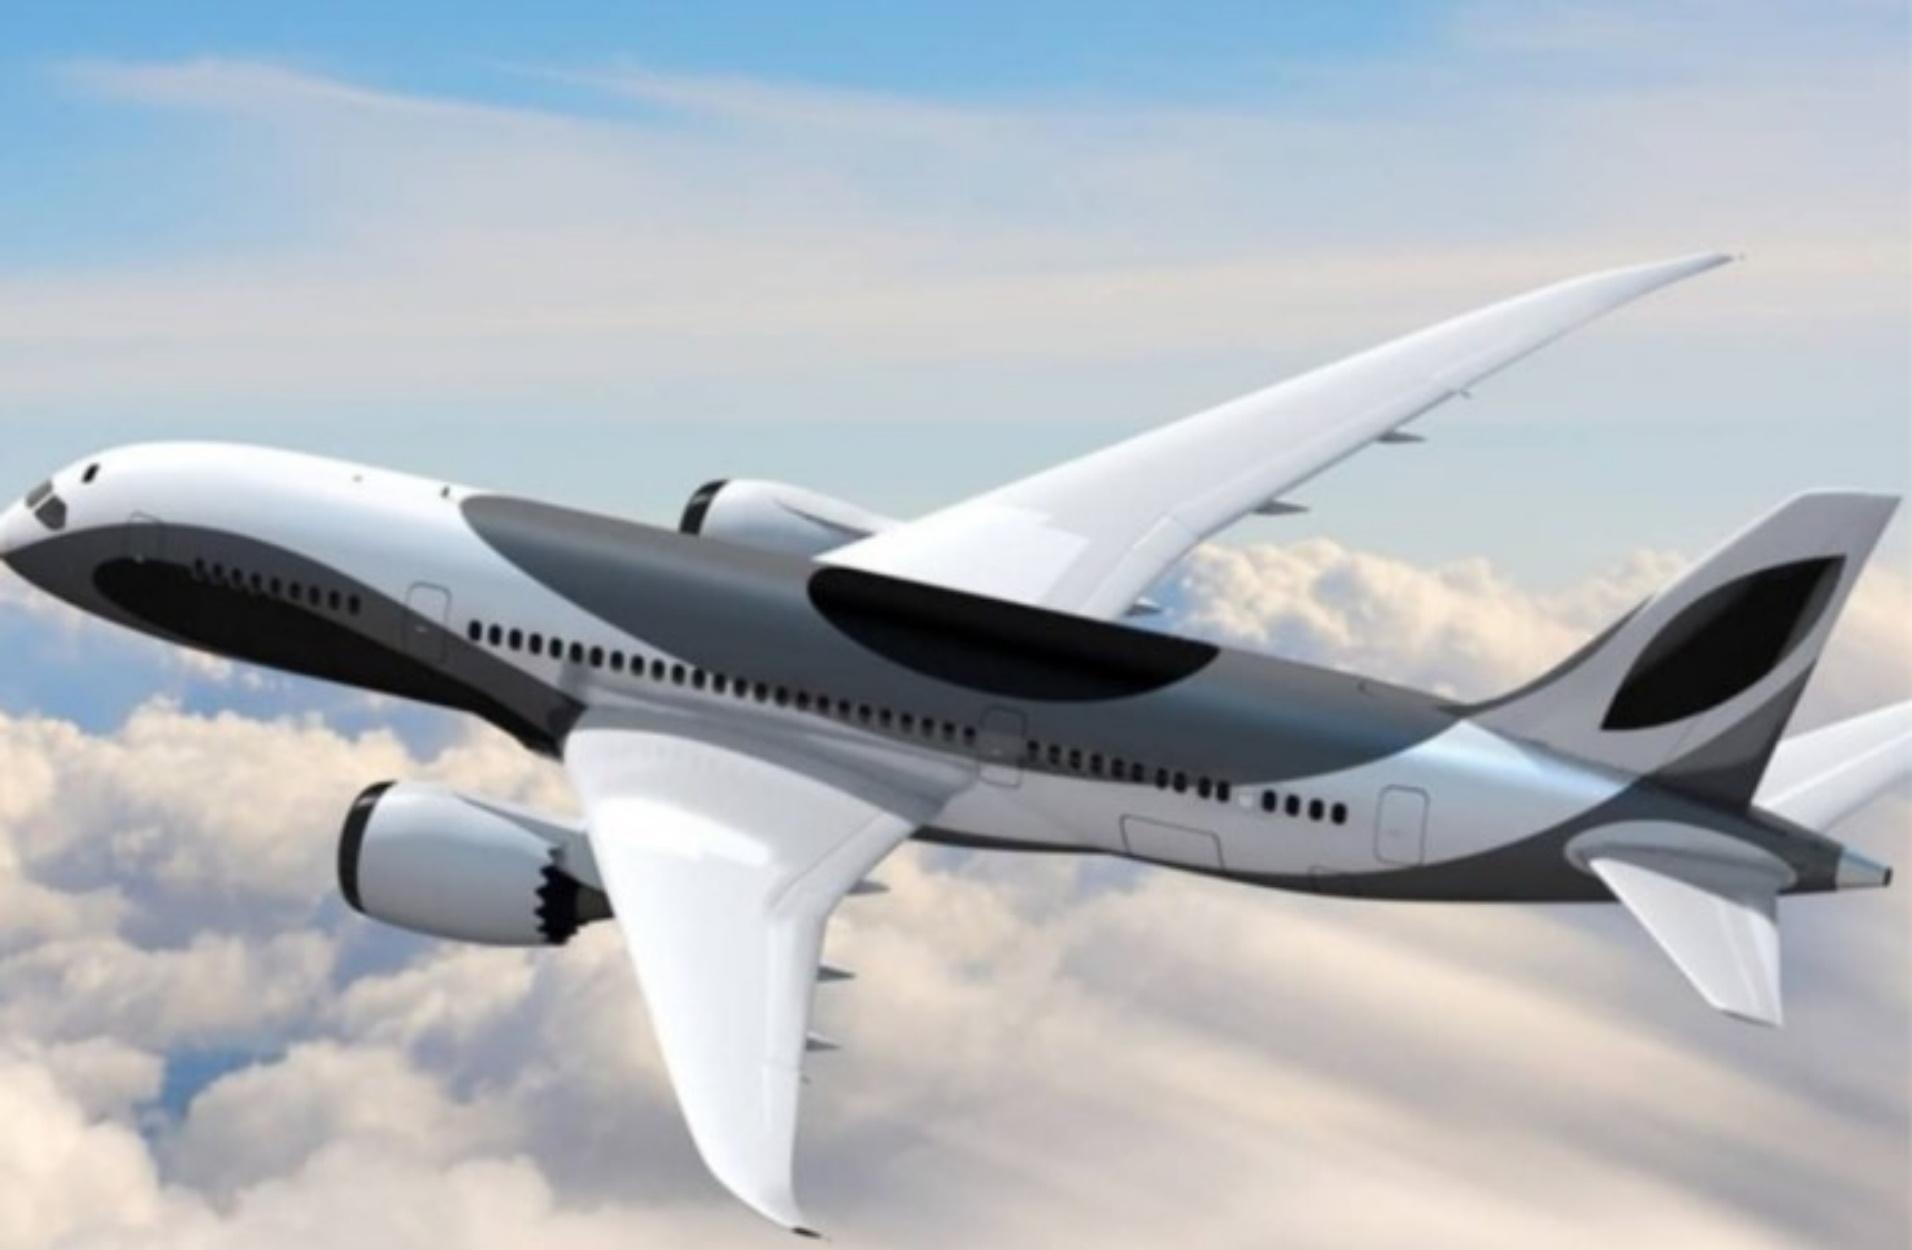 """7 πολυτελή αεροσκάφη για αυτούς που θέλουν να ταξιδεύουν σαν """"βασιλιάδες"""""""